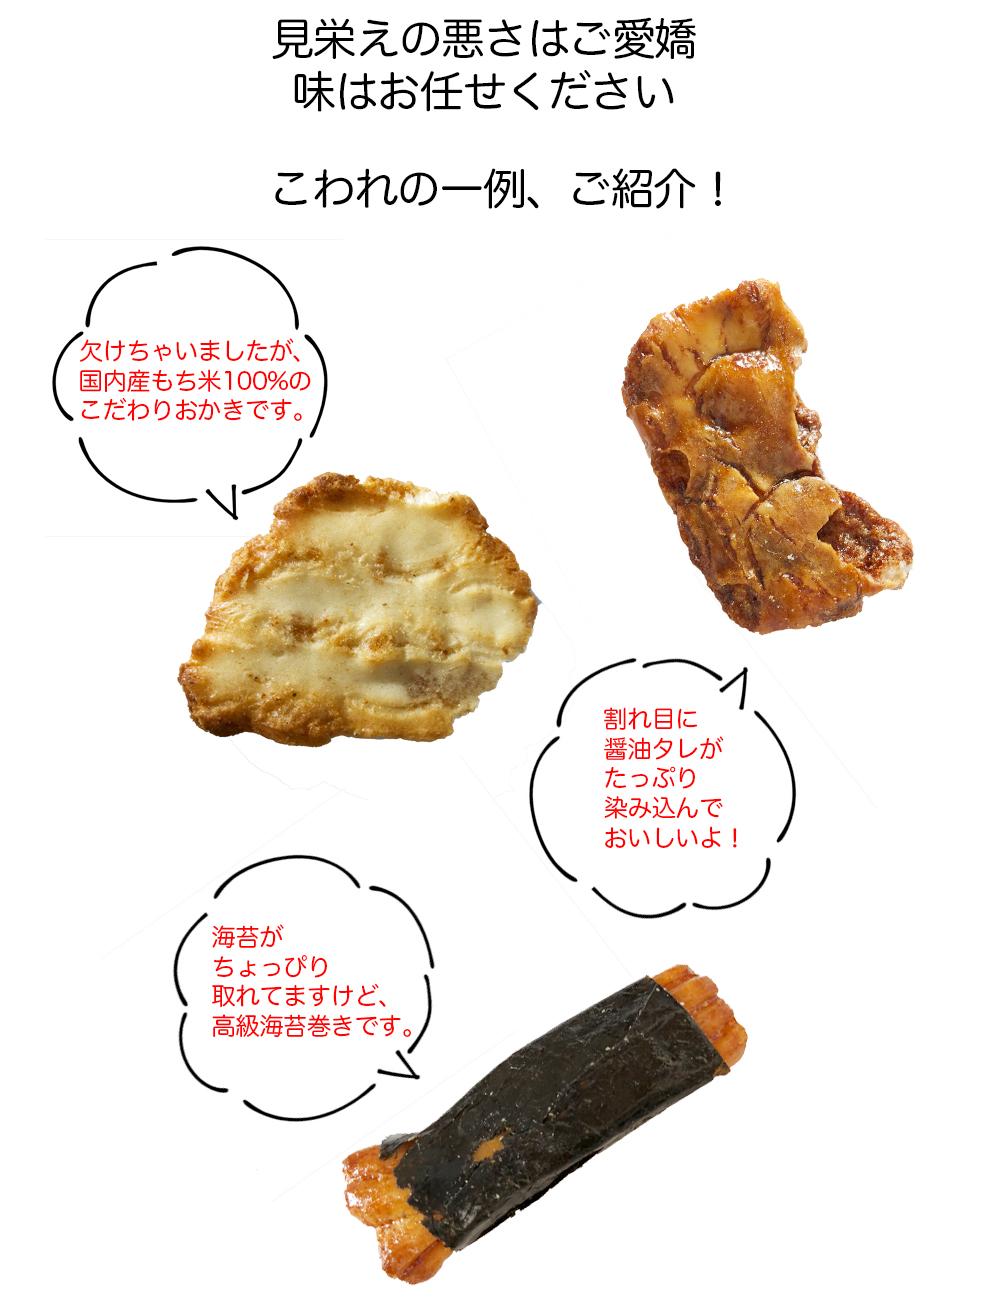 こわれおかき・お煎餅